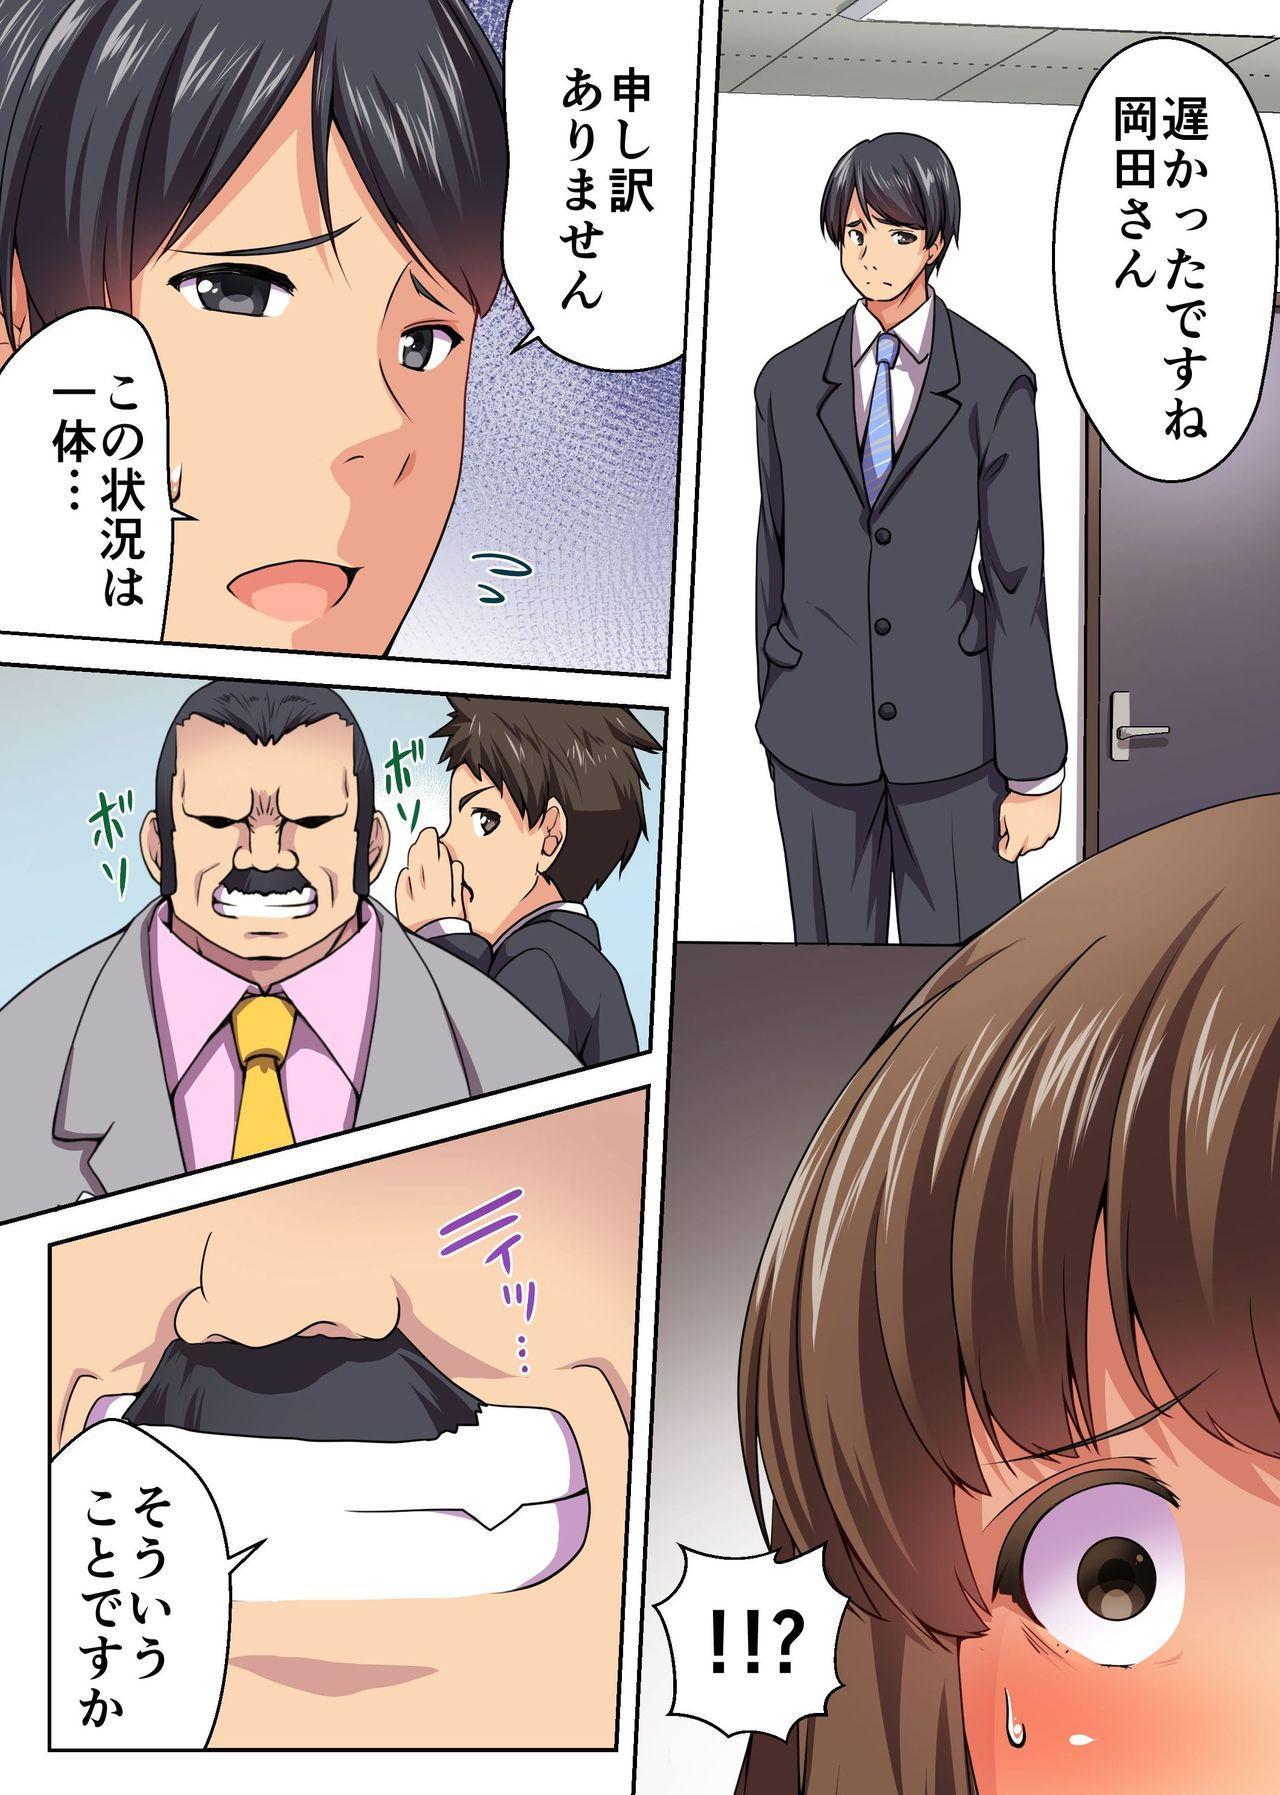 Black Kigyou ni Tsutomeru Konyakusha ga Nikutai Settai-ka ni Haizoku saremashita 17